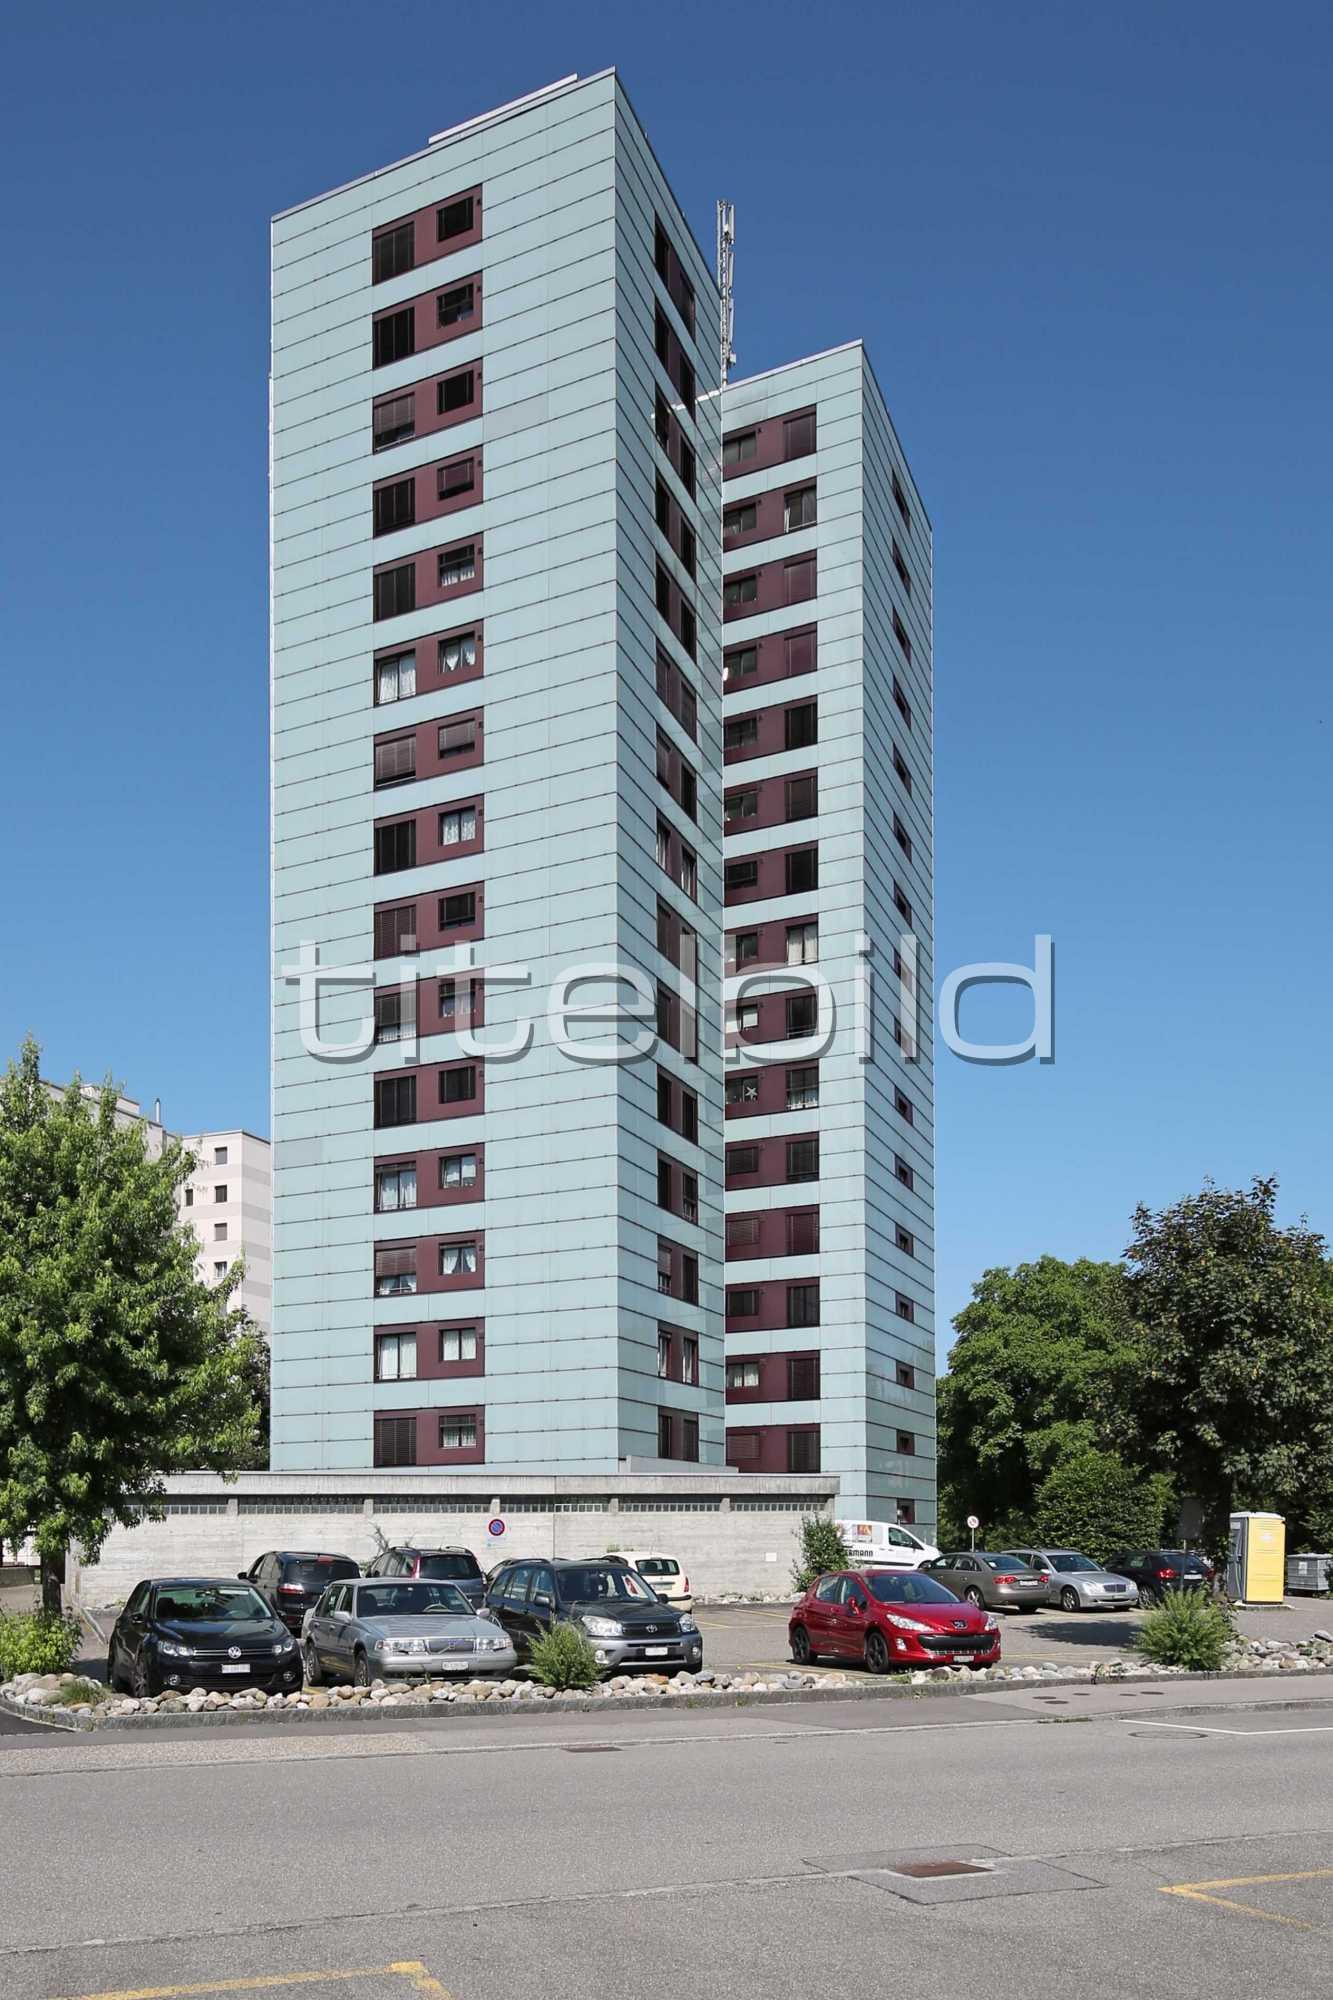 Projektbild-Nr. 3: Bädersanierung Hochhaus Fünflinden